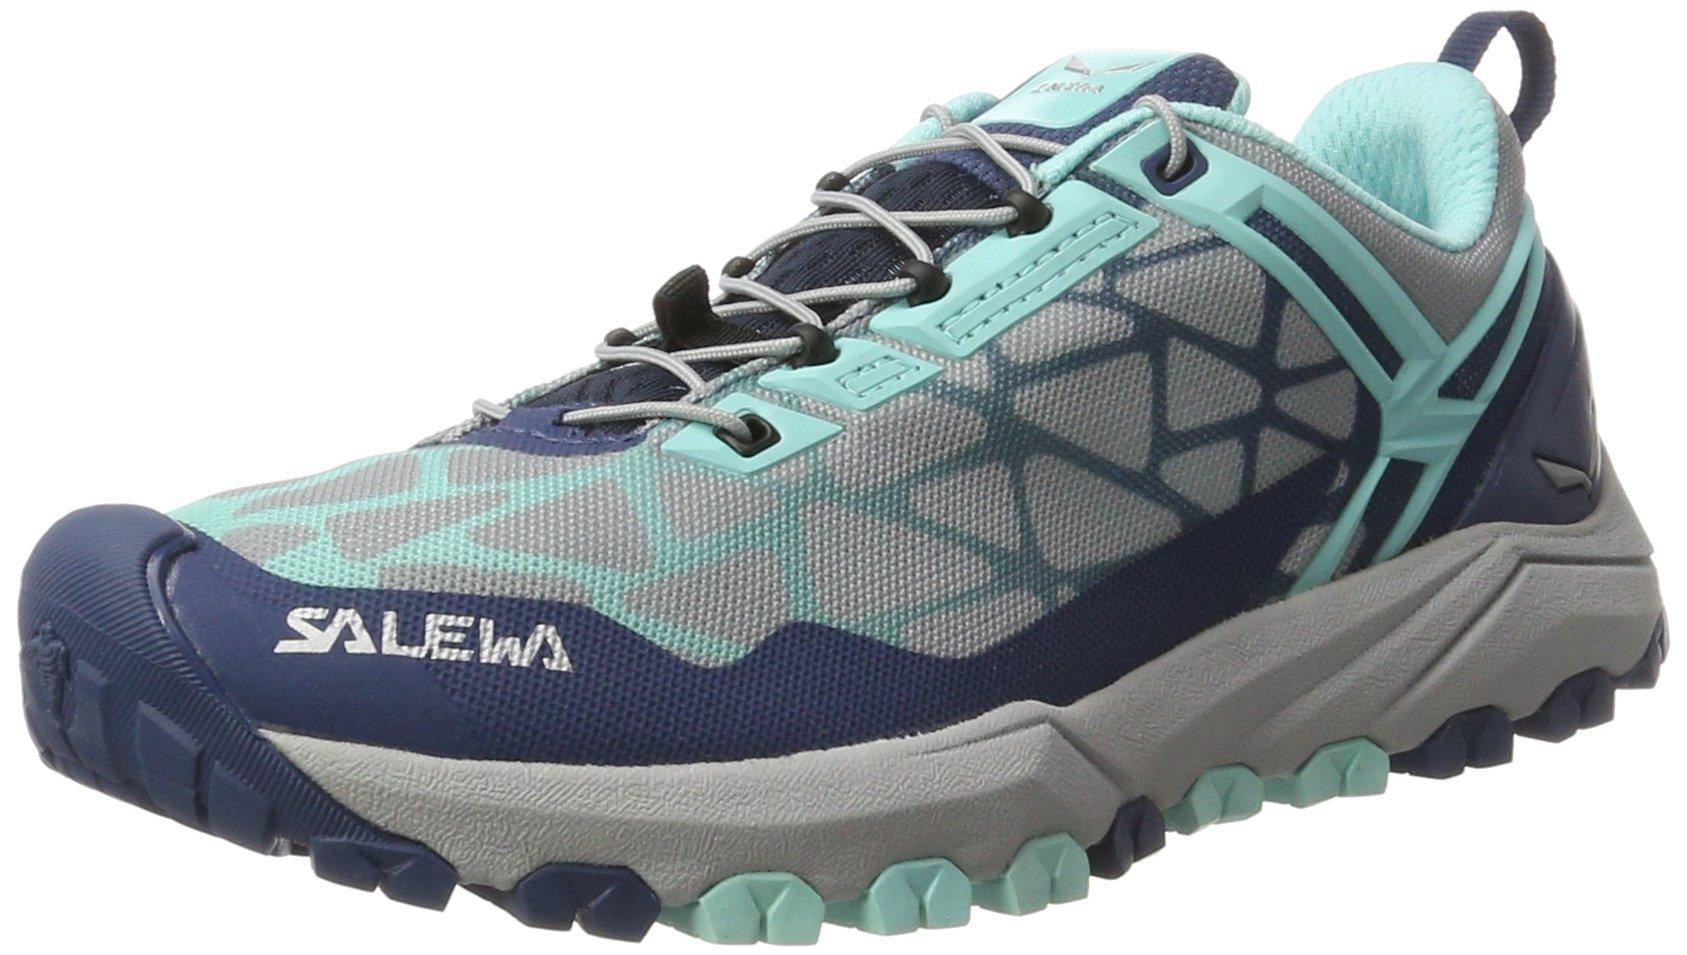 Salewa Women's Multi Track-W Trail Running Shoe, Dark Denim/Aruba Blue, 9 B(M) US